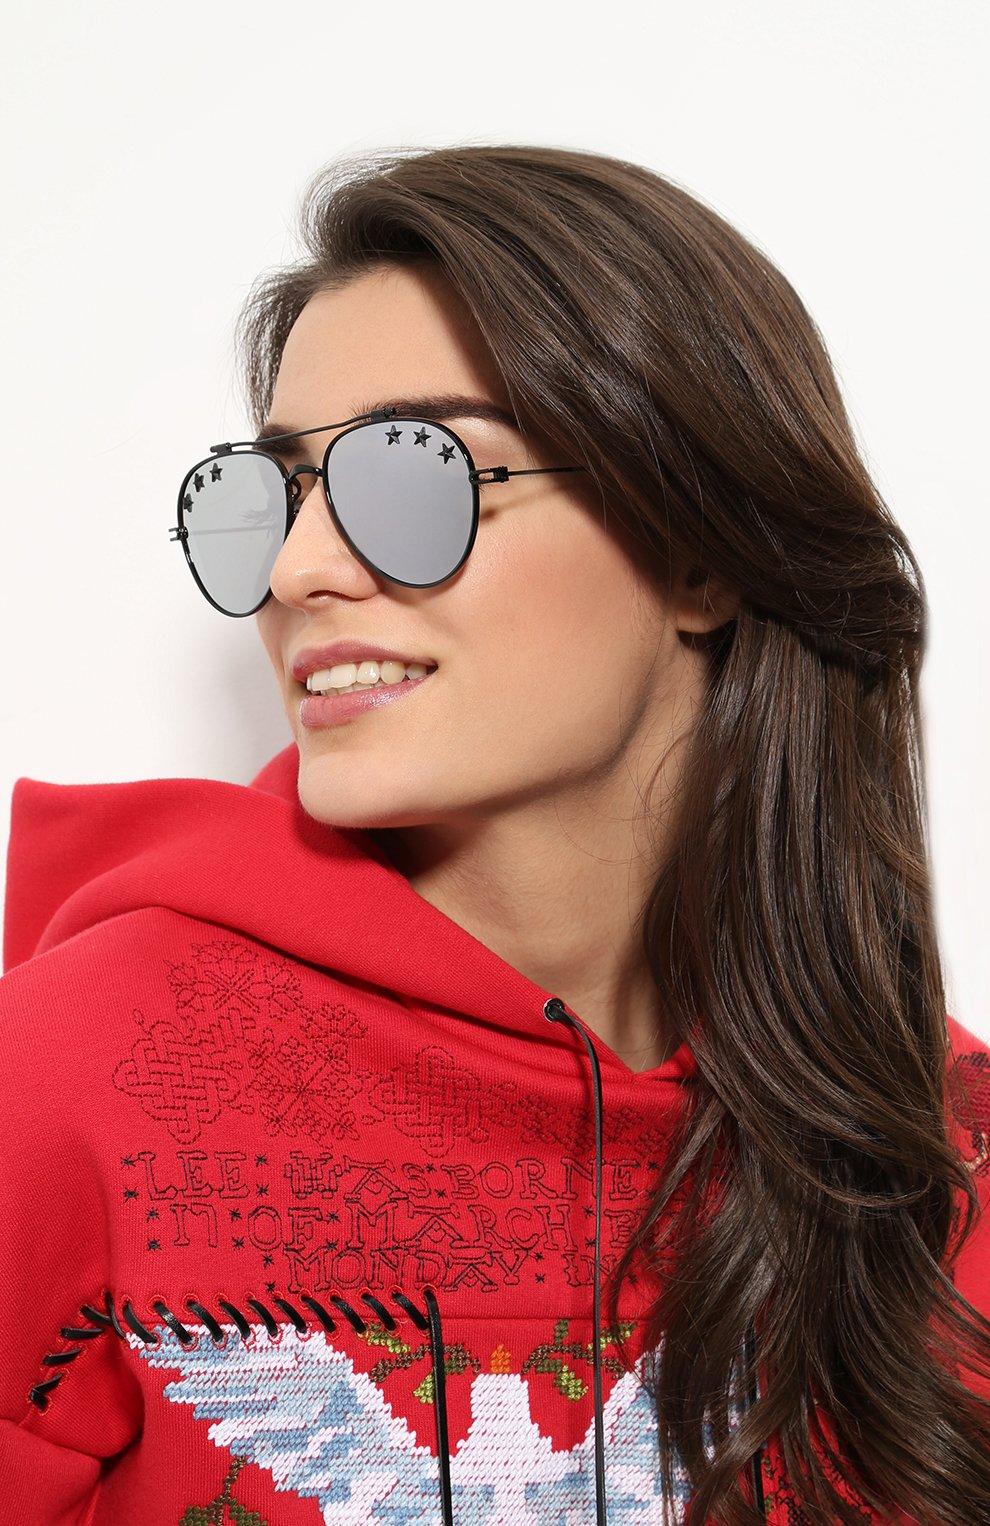 очки авиаторы фото звезды монитор расположен слишком